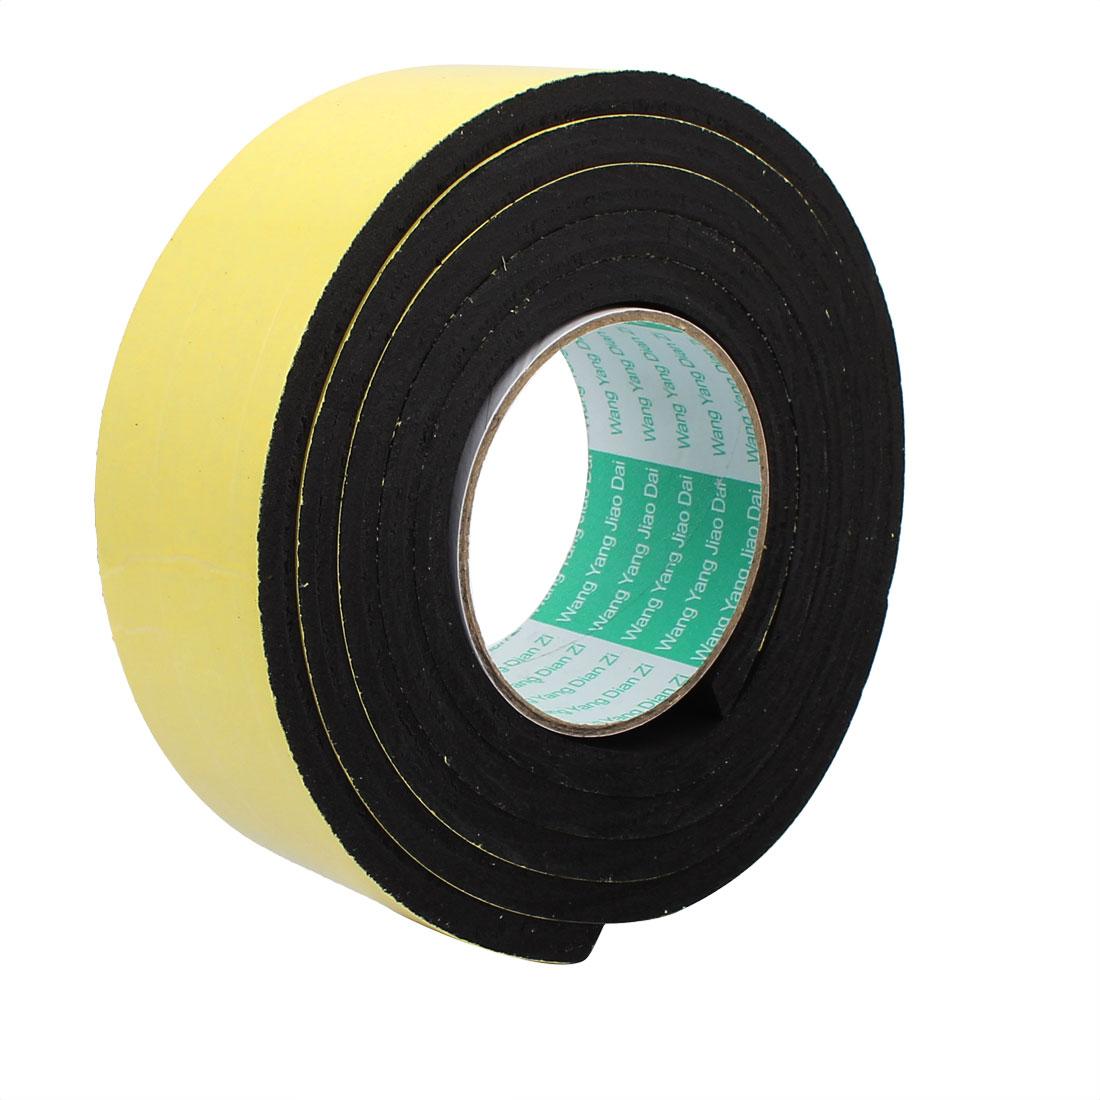 50mm Width 8mm Thickness Single Sided Shockproof Sponge Foam Tape 3 Meter Long